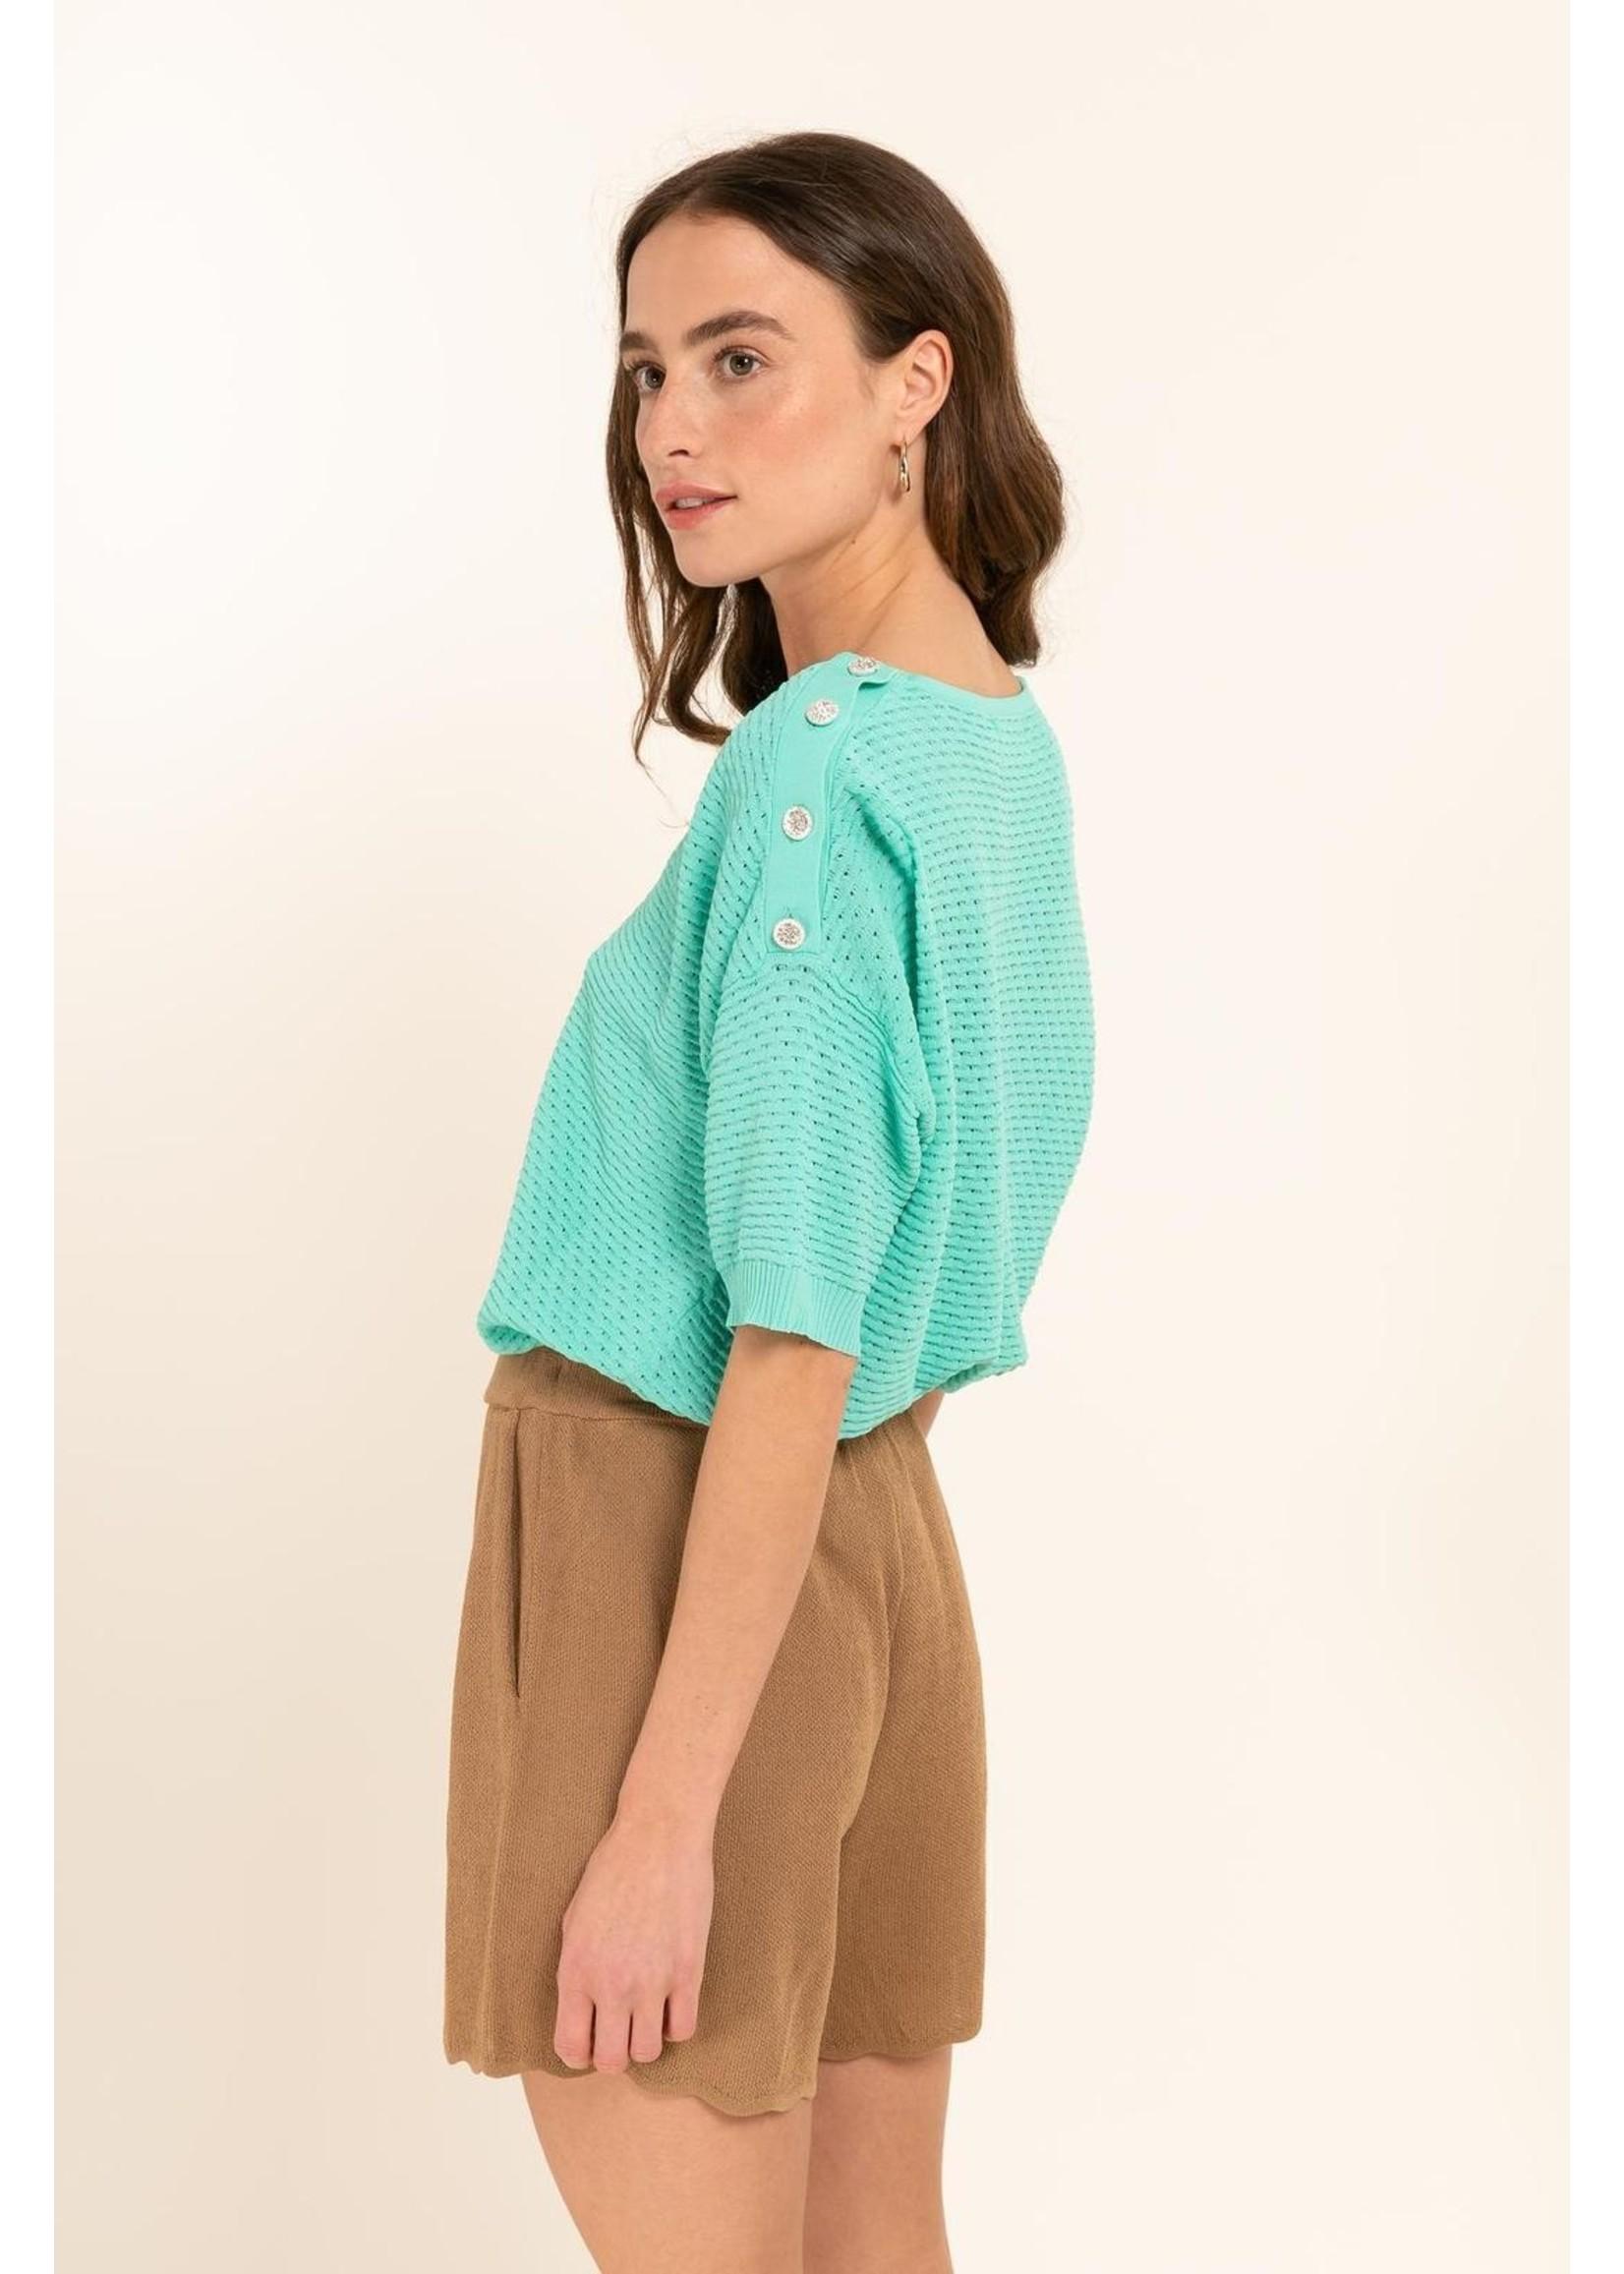 Cherry Paris Officiel Green sparkle blouse